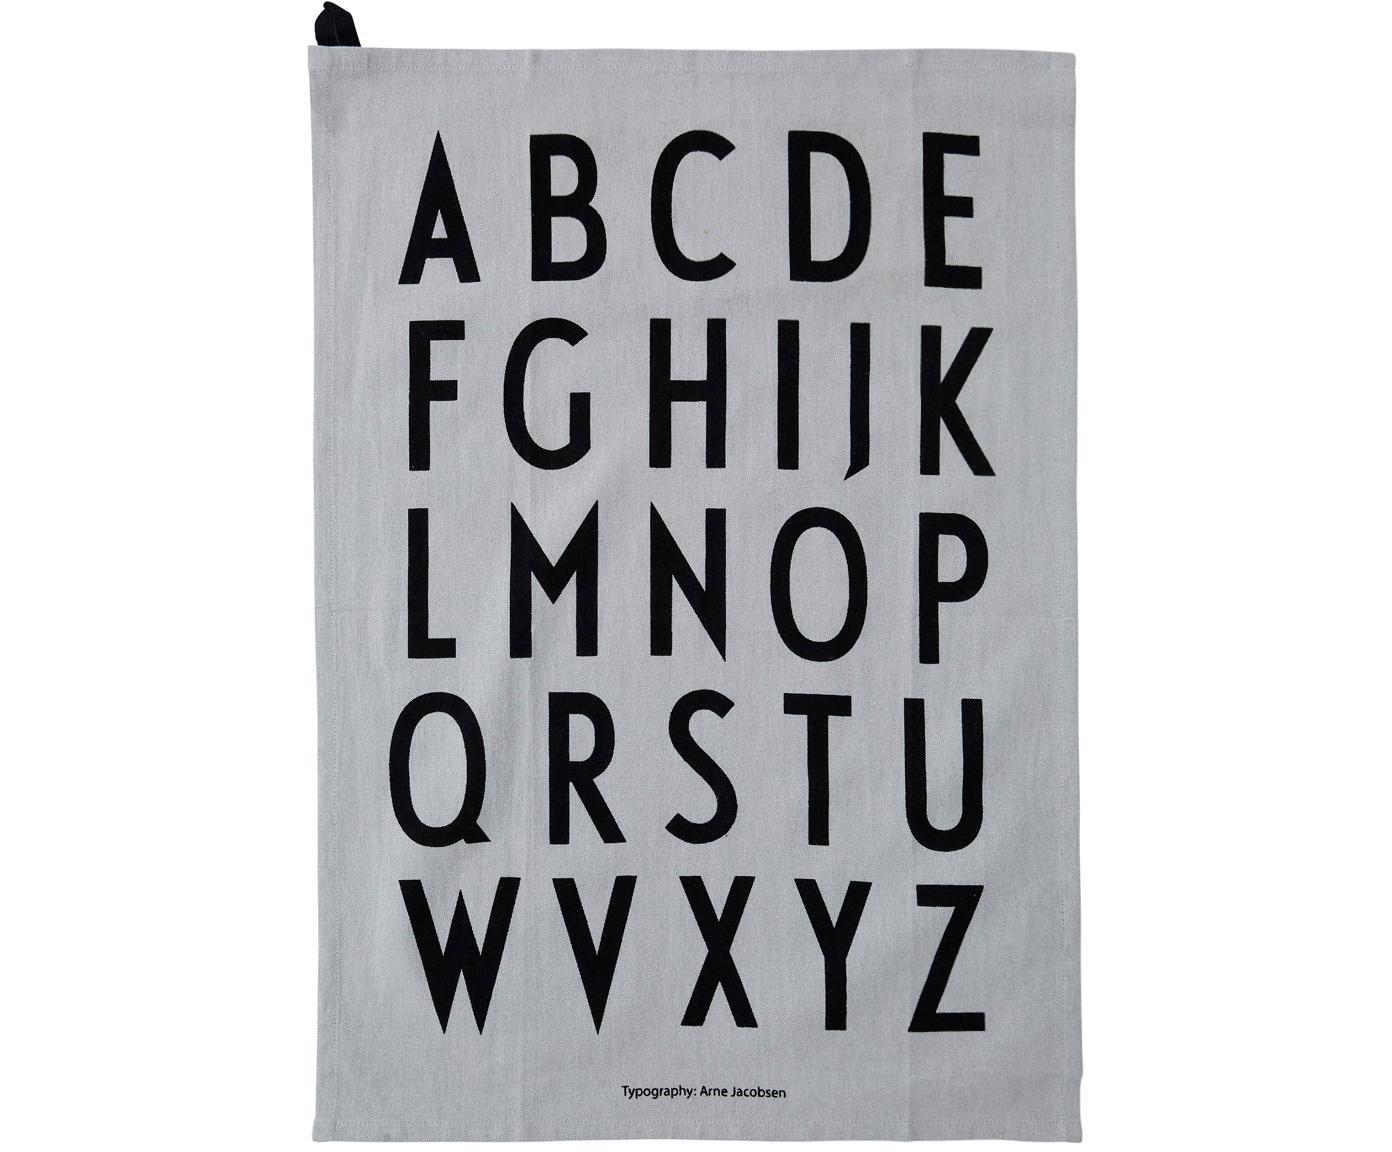 Theedoeken Classic in grijs met designletters, 2 stuks, Katoen, Grijs, zwart, 40 x 60 cm